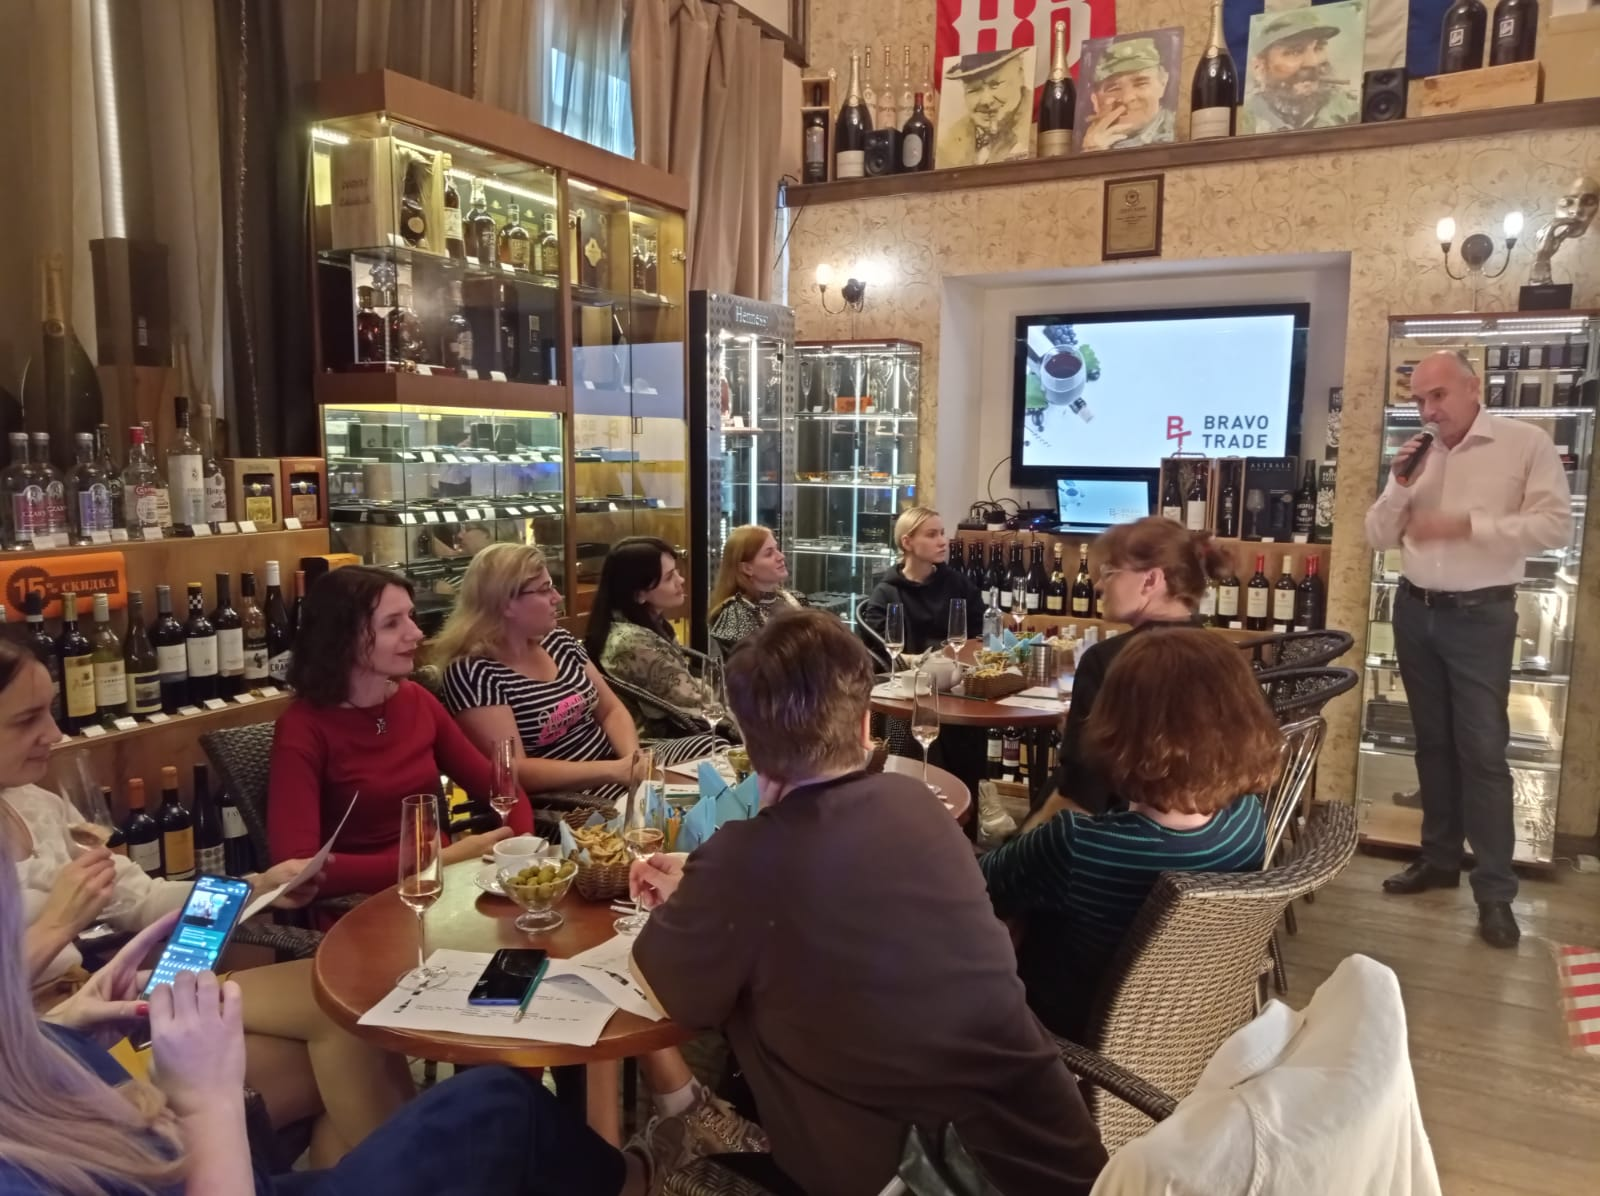 ФОТООТЧЁТ — «Сигары и Виски» на Маяковской: Пино Нуар!!! Дегустация вин из Франции, Италии, США, Македонии и Новой Зеландии от BRAVO TRADE